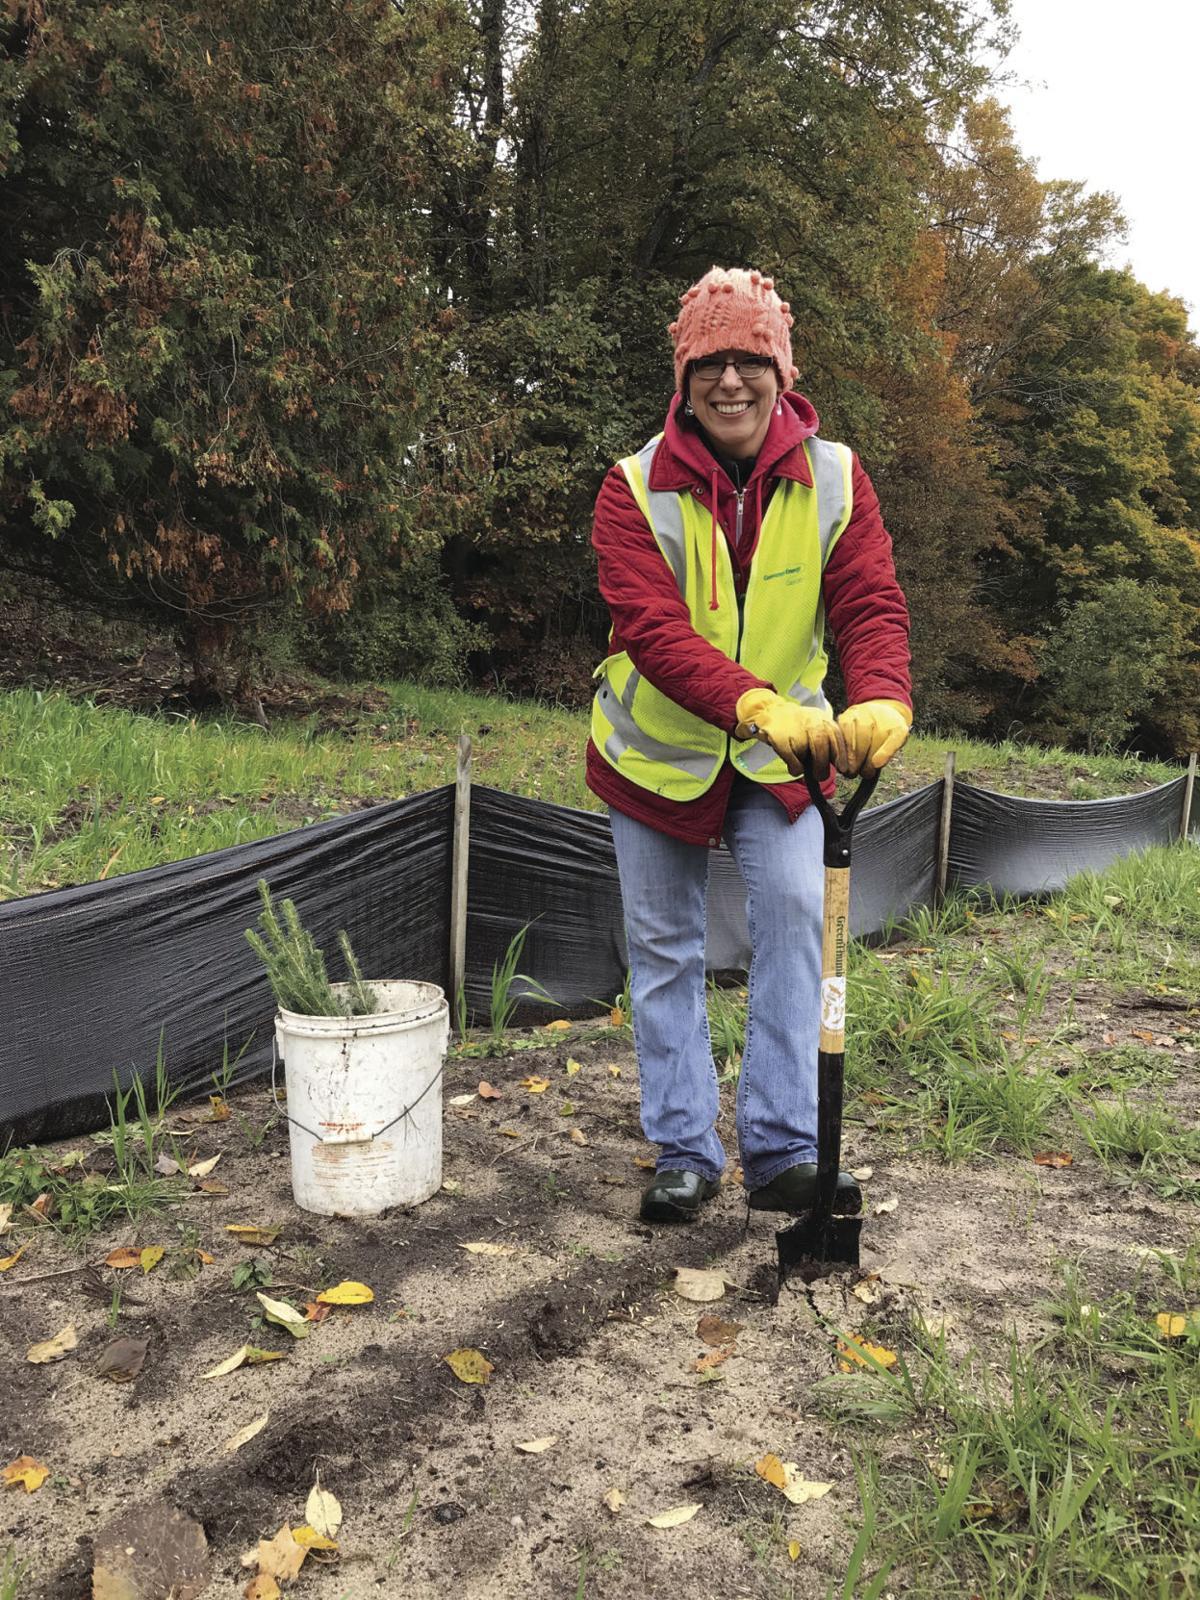 Volunteer team leader plants trees